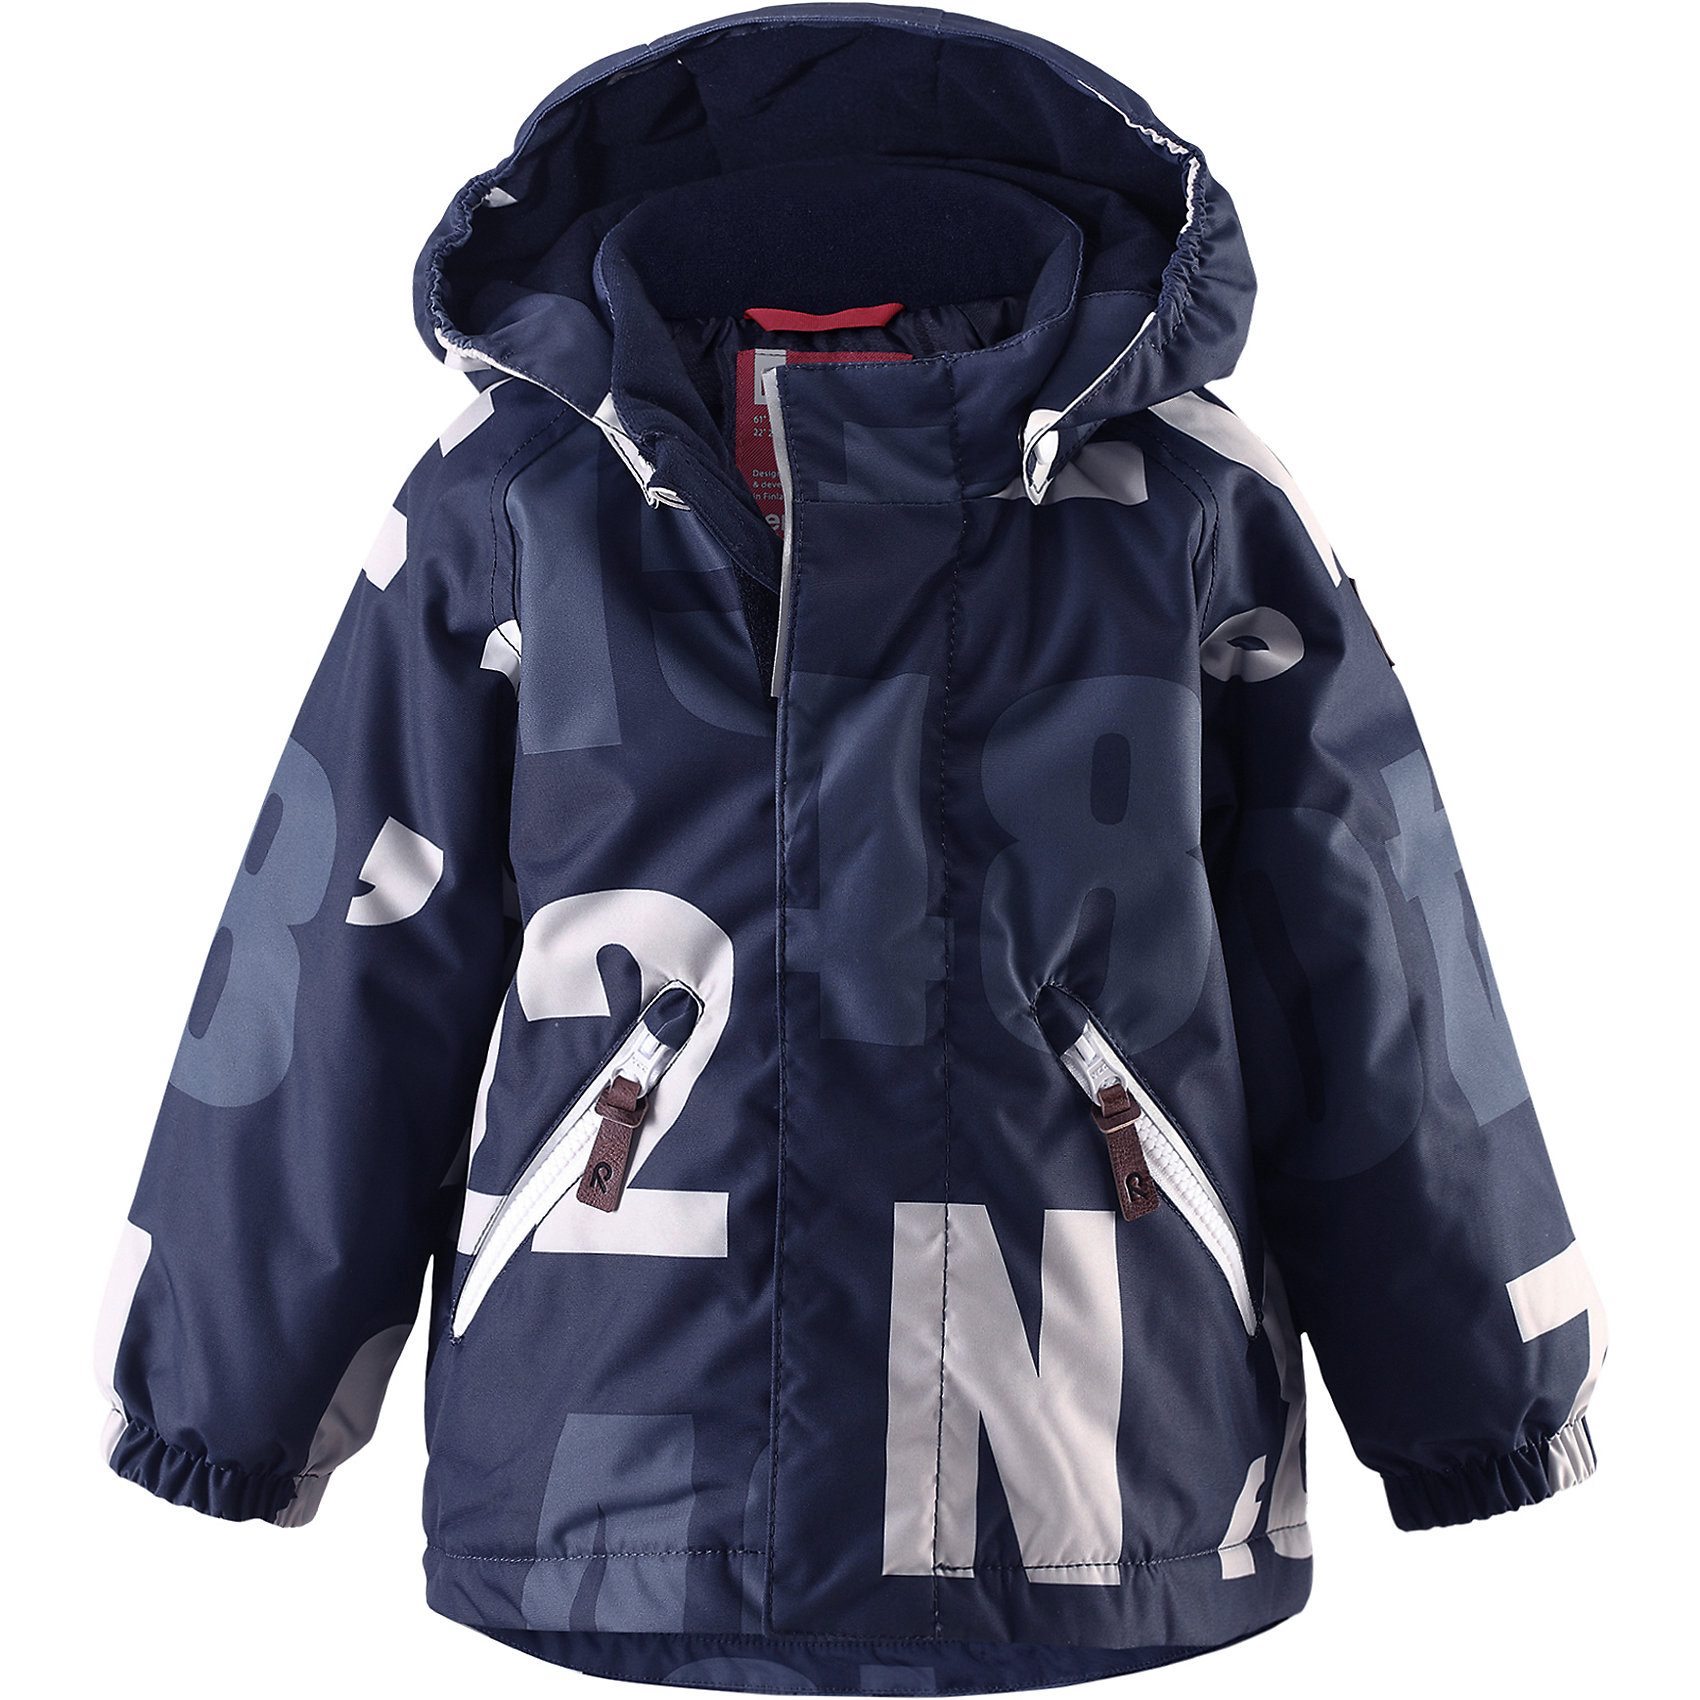 Куртка Nappaa ReimaЗимняя куртка для малышей. Основные швы проклеены и не пропускают влагу. Водо- и ветронепроницаемый, «дышащий» и грязеотталкивающий материал .Гладкая подкладка из полиэстра. Безопасный, съемный капюшон. Эластичные манжеты. Два кармана на молнии .Безопасные светоотражающие детали.<br>Состав:<br>100% ПЭ, ПУ-покрытие<br><br>Ширина мм: 356<br>Глубина мм: 10<br>Высота мм: 245<br>Вес г: 519<br>Цвет: синий<br>Возраст от месяцев: 12<br>Возраст до месяцев: 15<br>Пол: Унисекс<br>Возраст: Детский<br>Размер: 80,86<br>SKU: 5309397